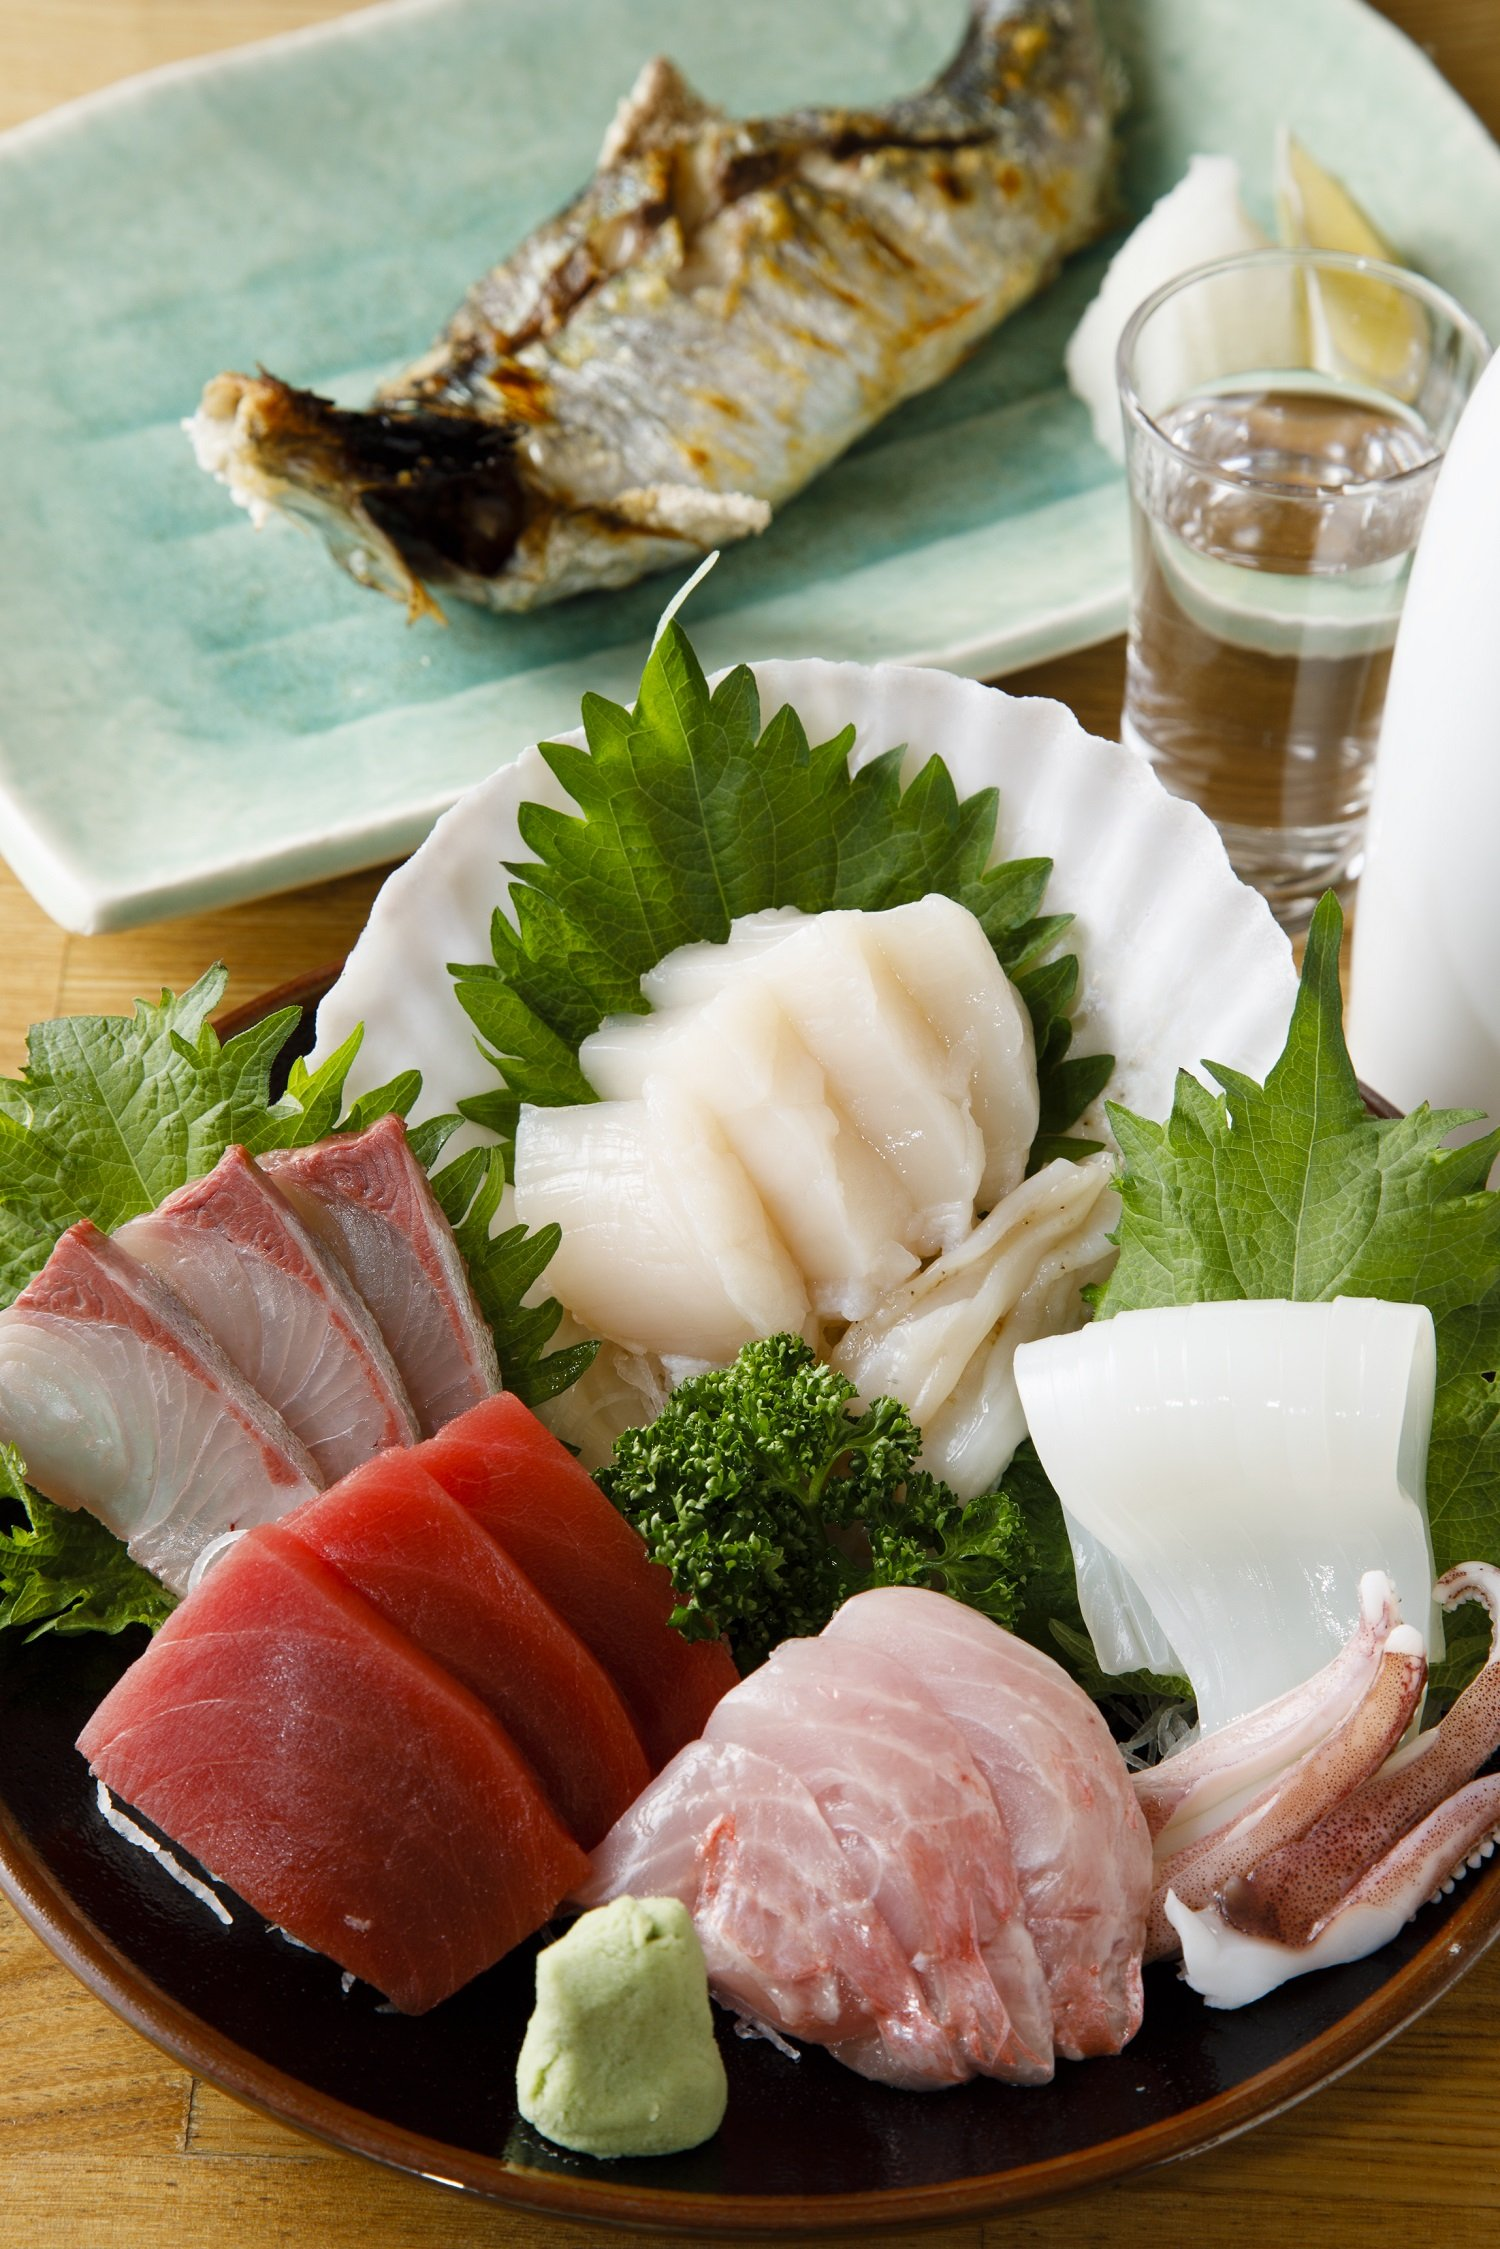 当日は本マグロやキンメなどが並んだ刺身の盛合せ2592円、生にしん焼き756円。上尾の地酒・文楽純米吟醸864円。